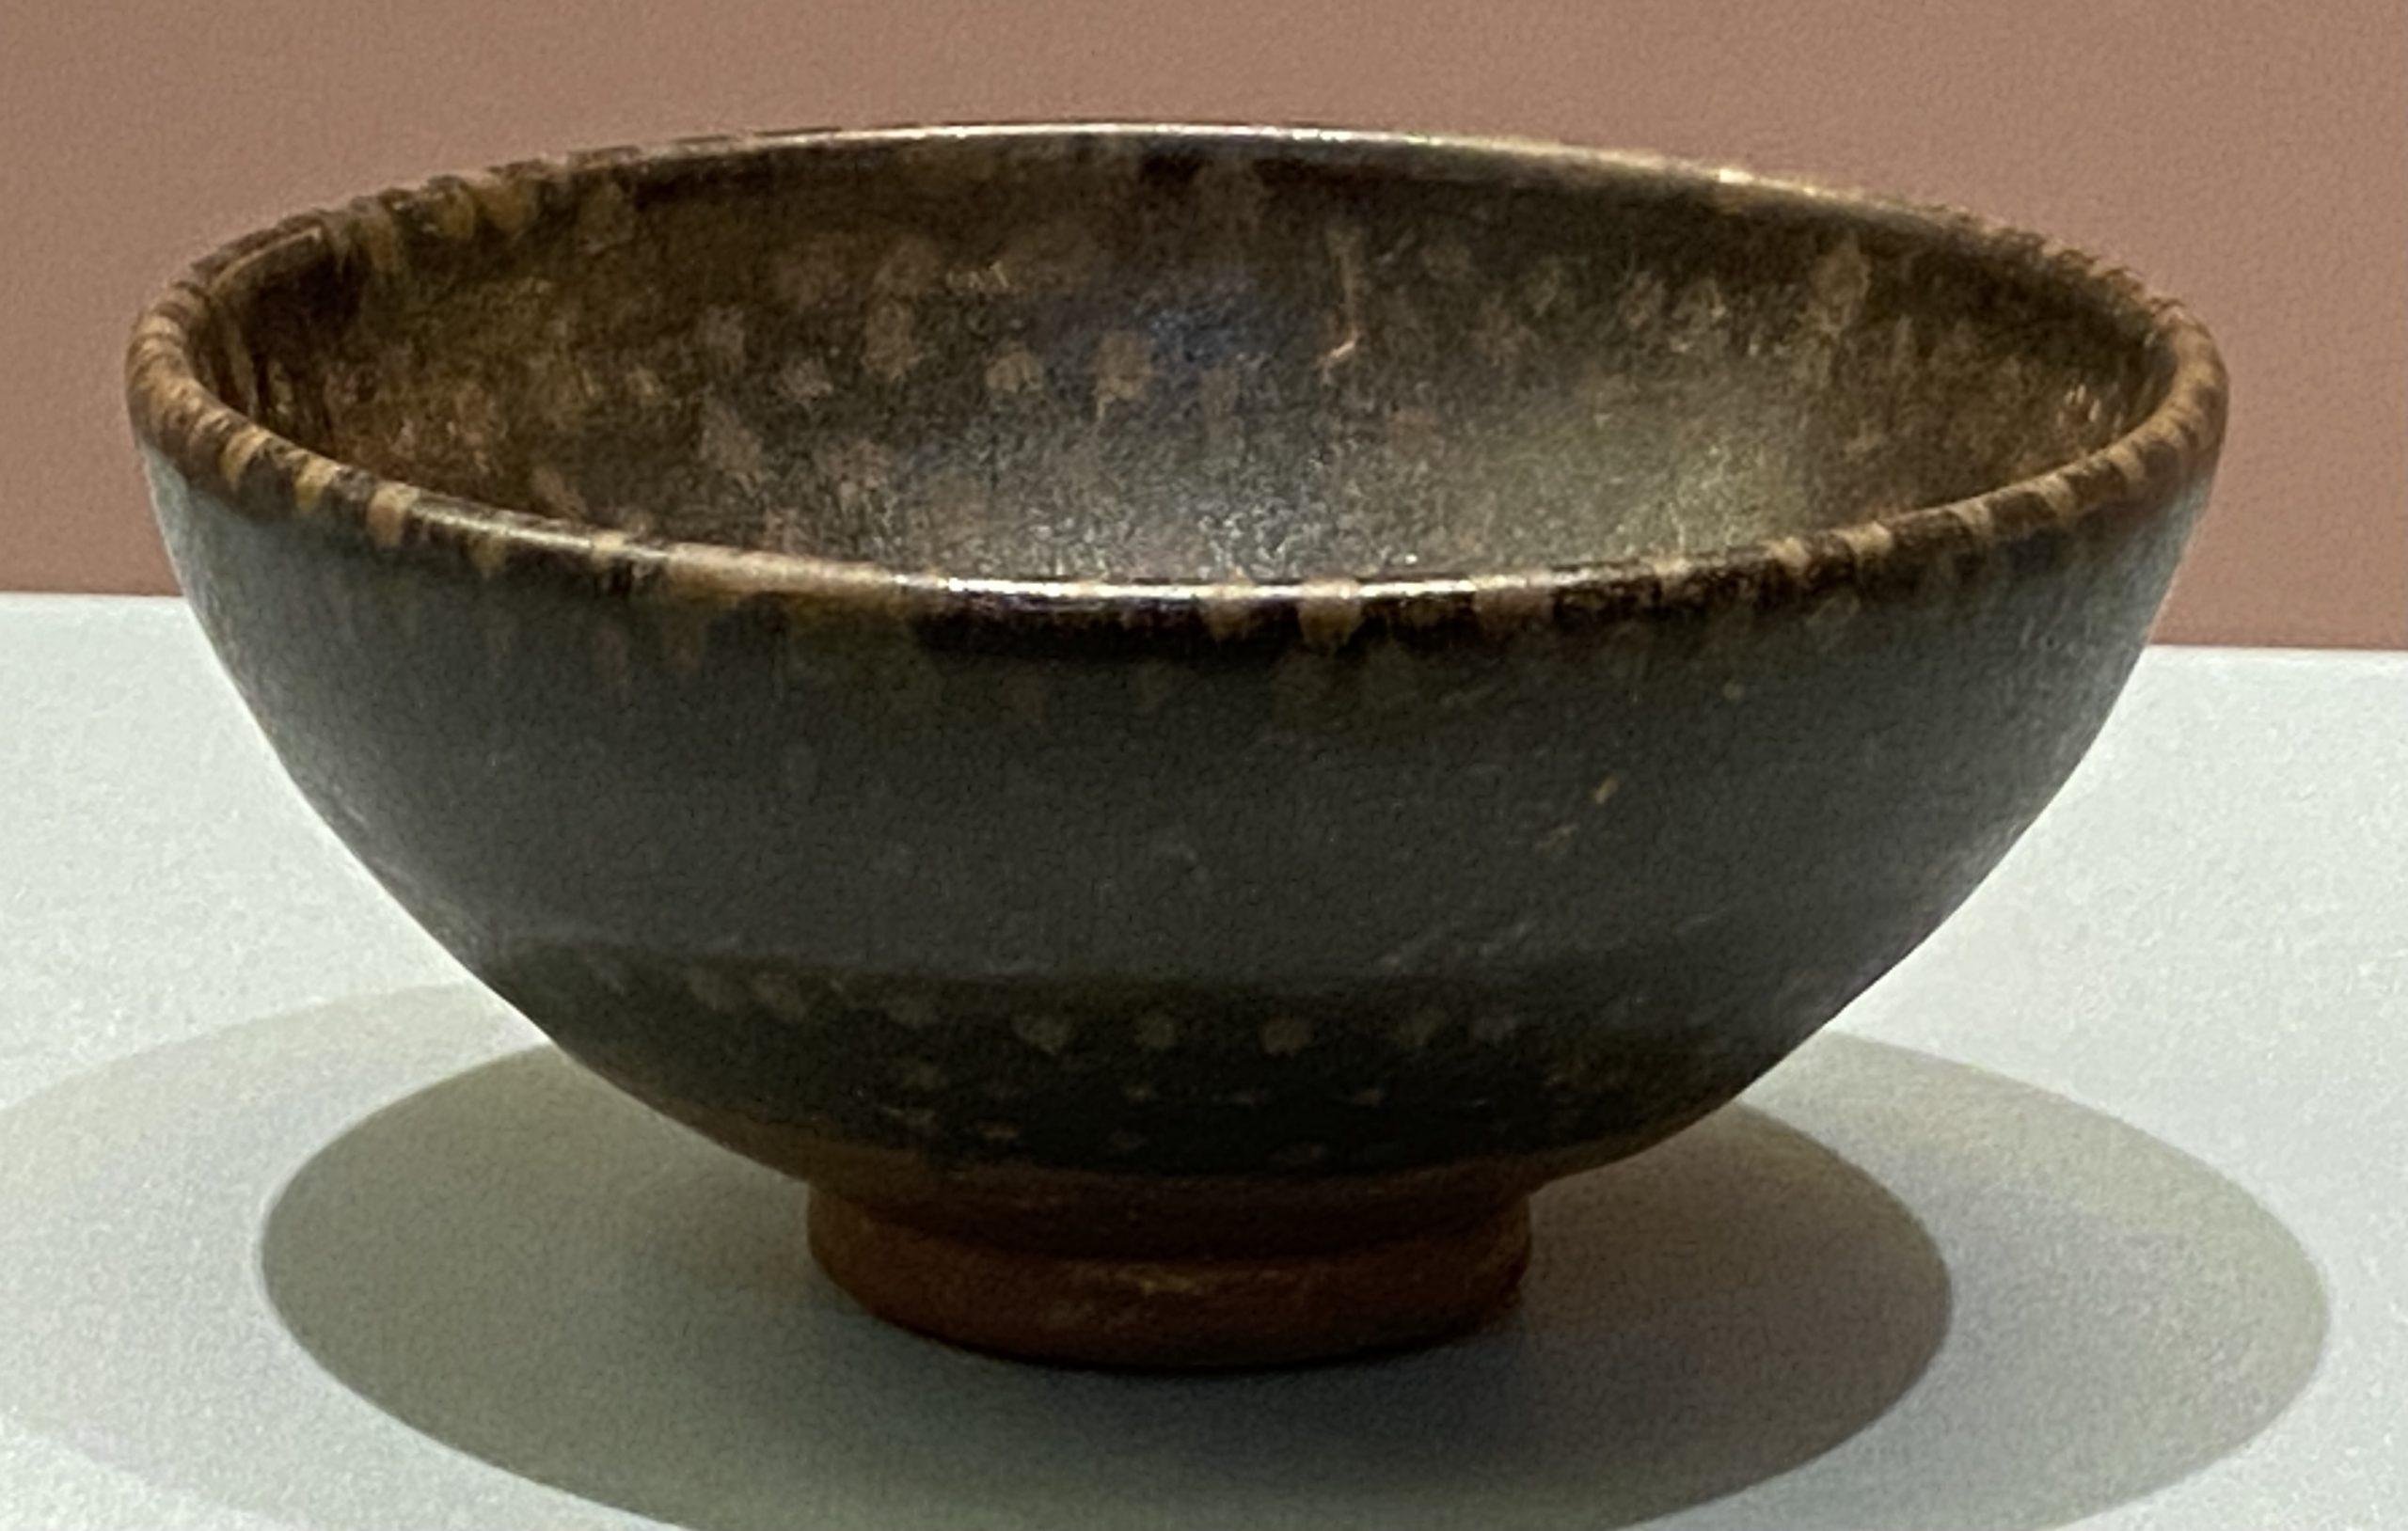 黑釉鷓鴣斑斂口磁碗-北宋時代-特別展【食味人間】四川博物院・中国国家博物館